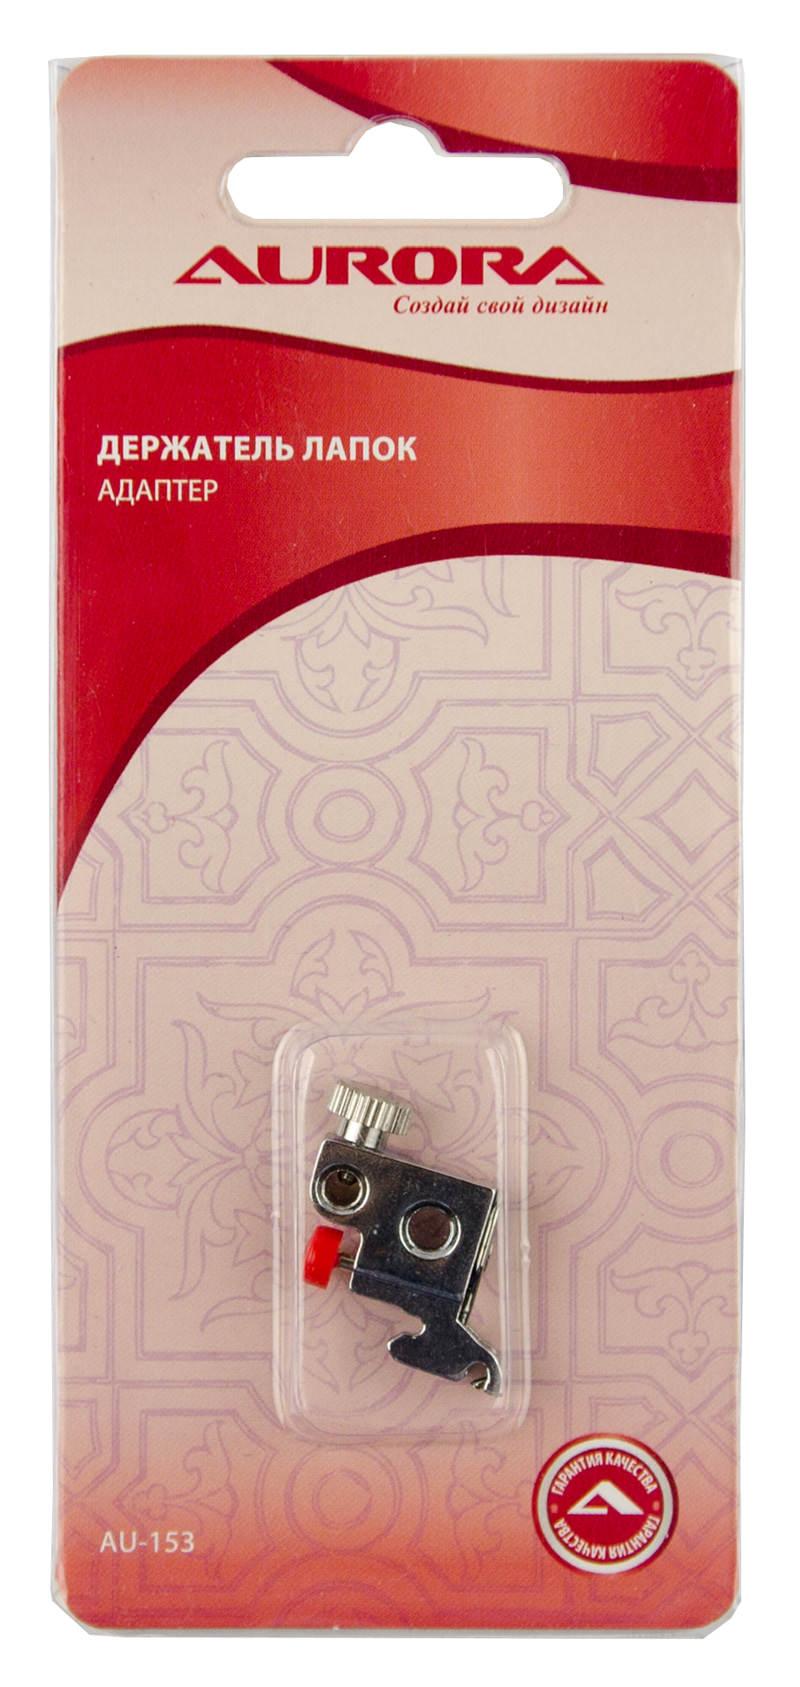 Адаптер AU-153 с красной кнопкой (в блистере) , Компания Дама Дома. 066b1700d70